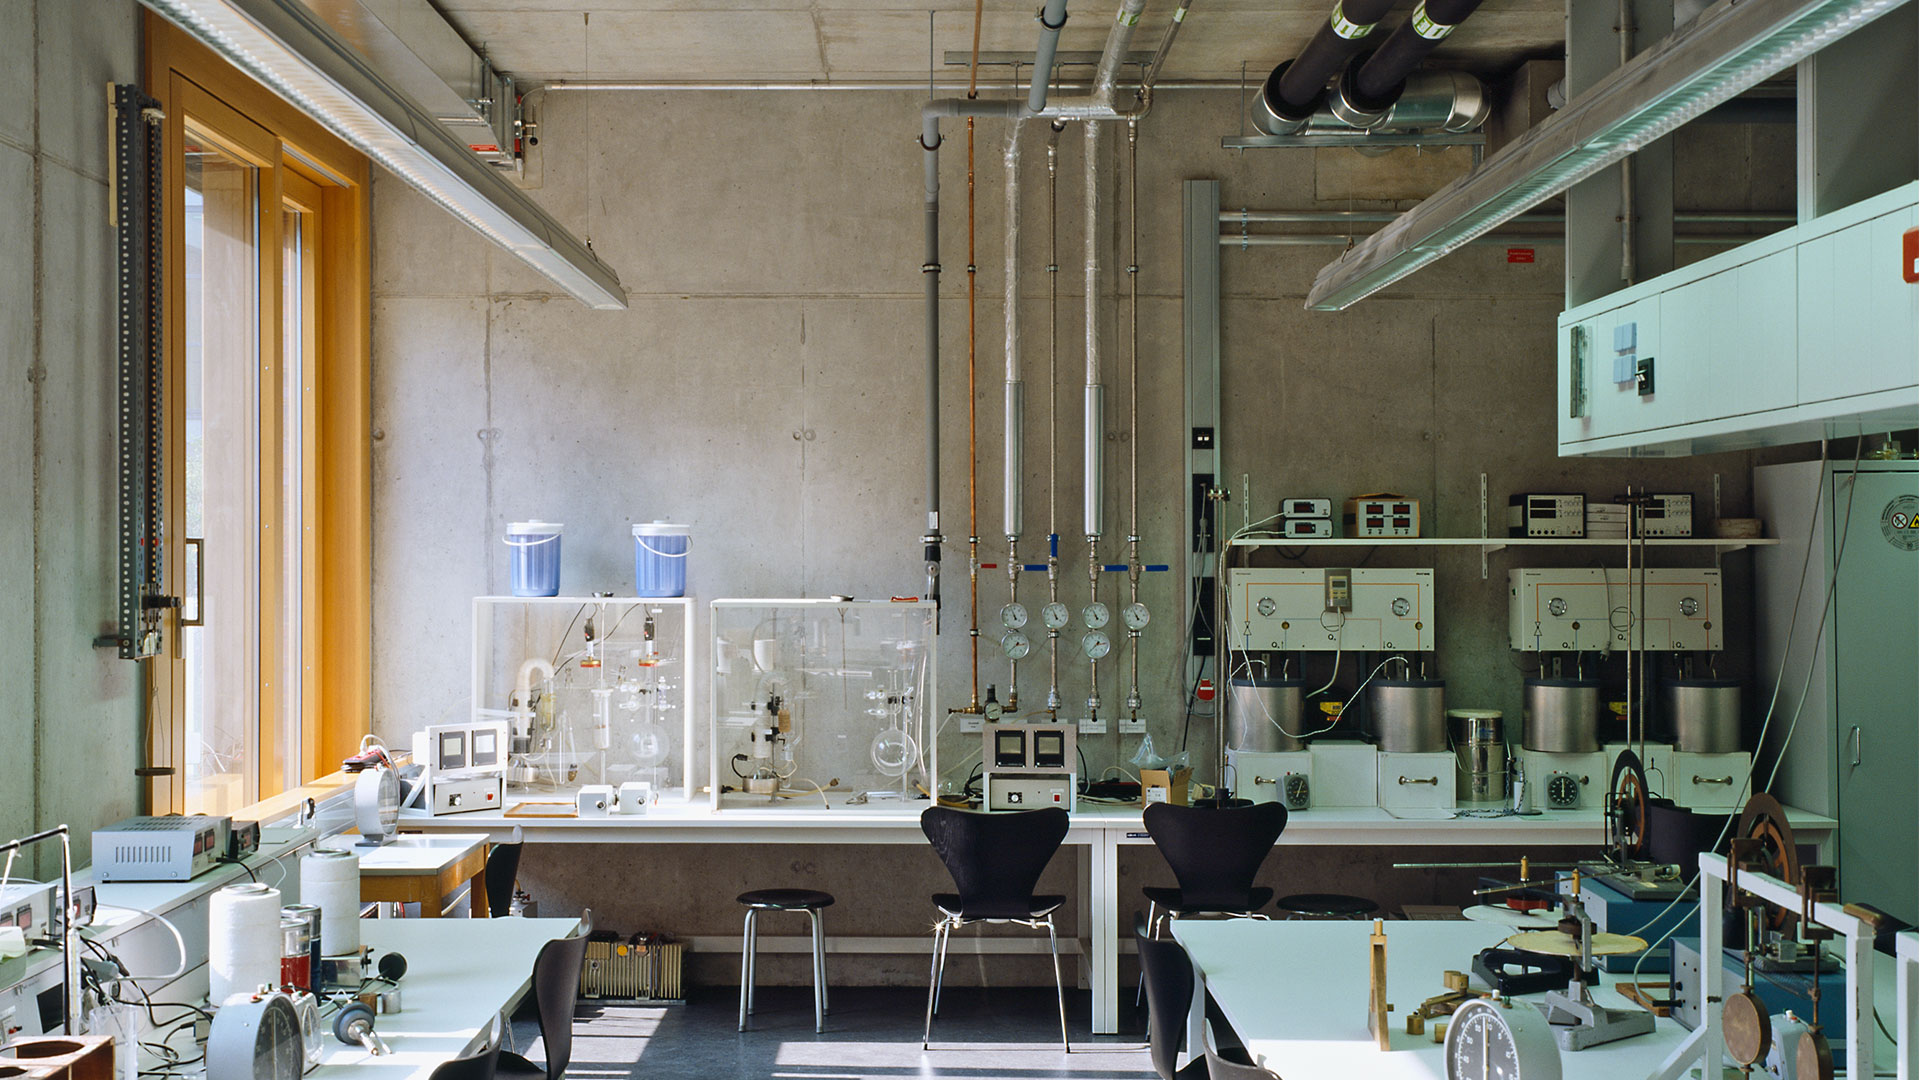 Physikalisches Institut Frankfurt 3 - ArGe Architekten